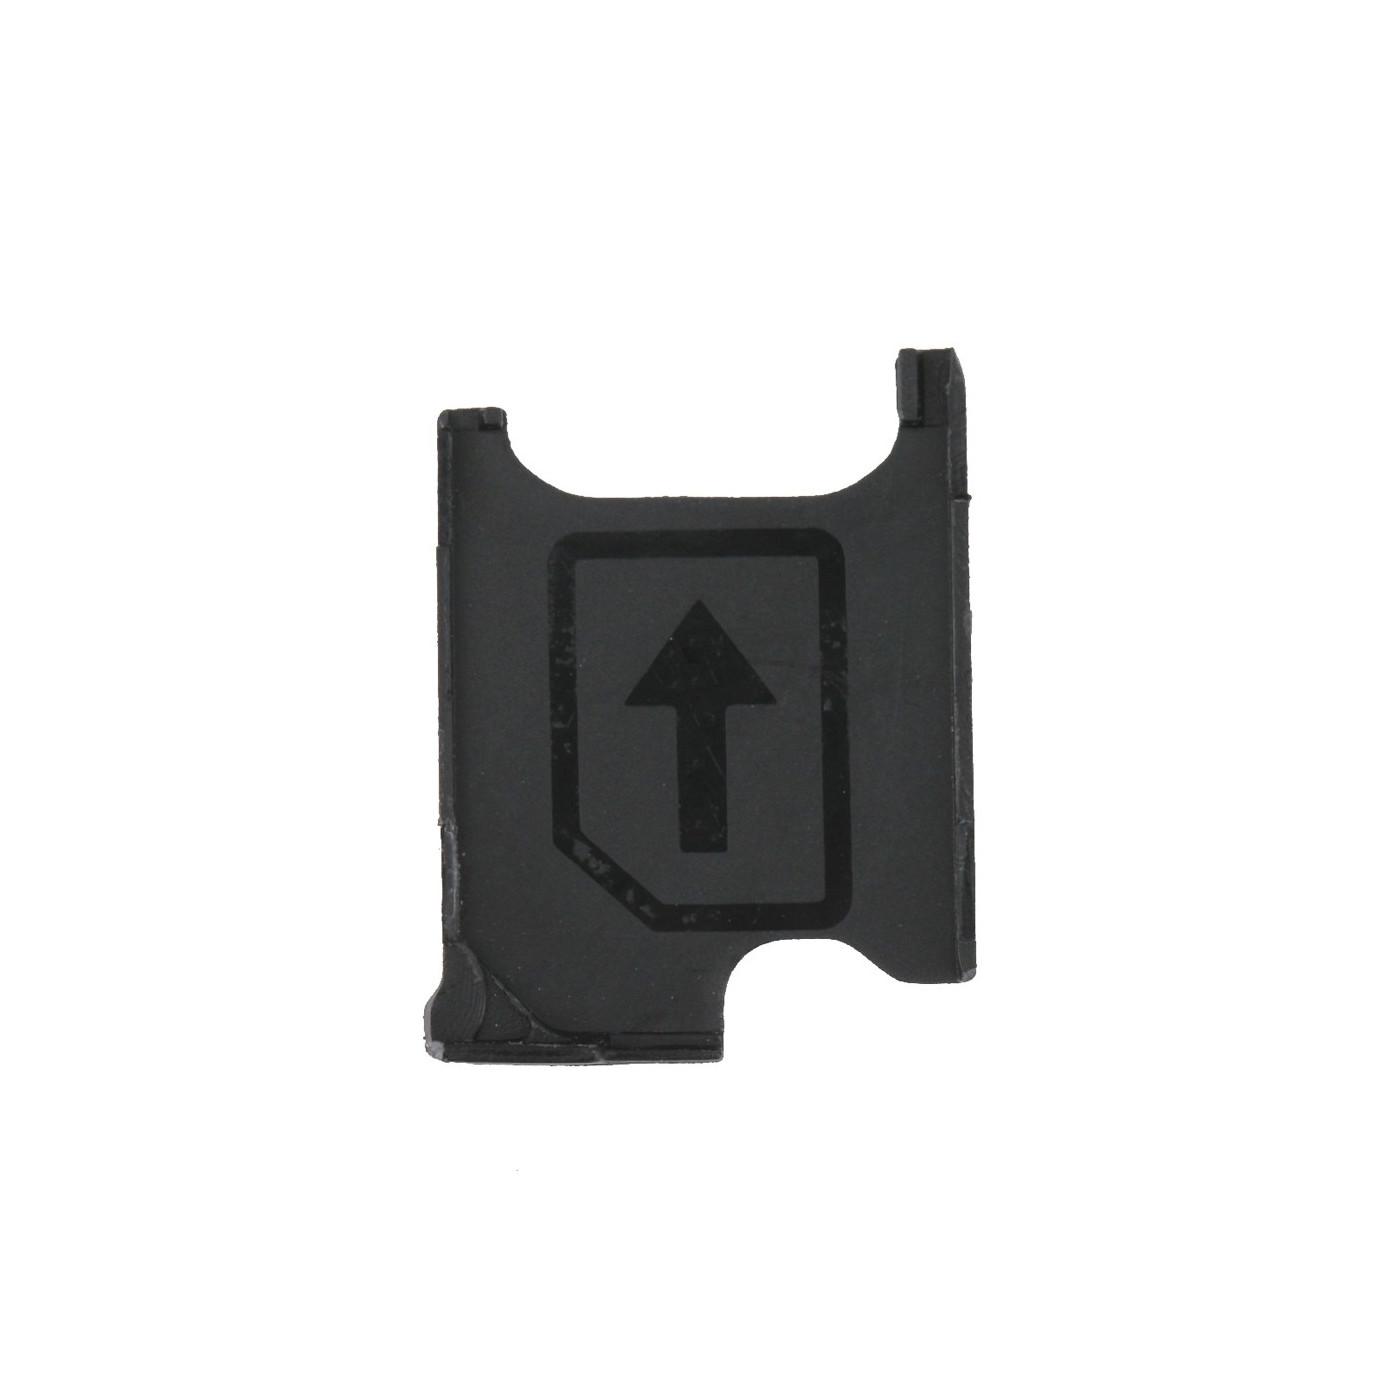 SIM-Kartenhalter für Sony Xperia Z1 L39h Schlittenwagen Slot